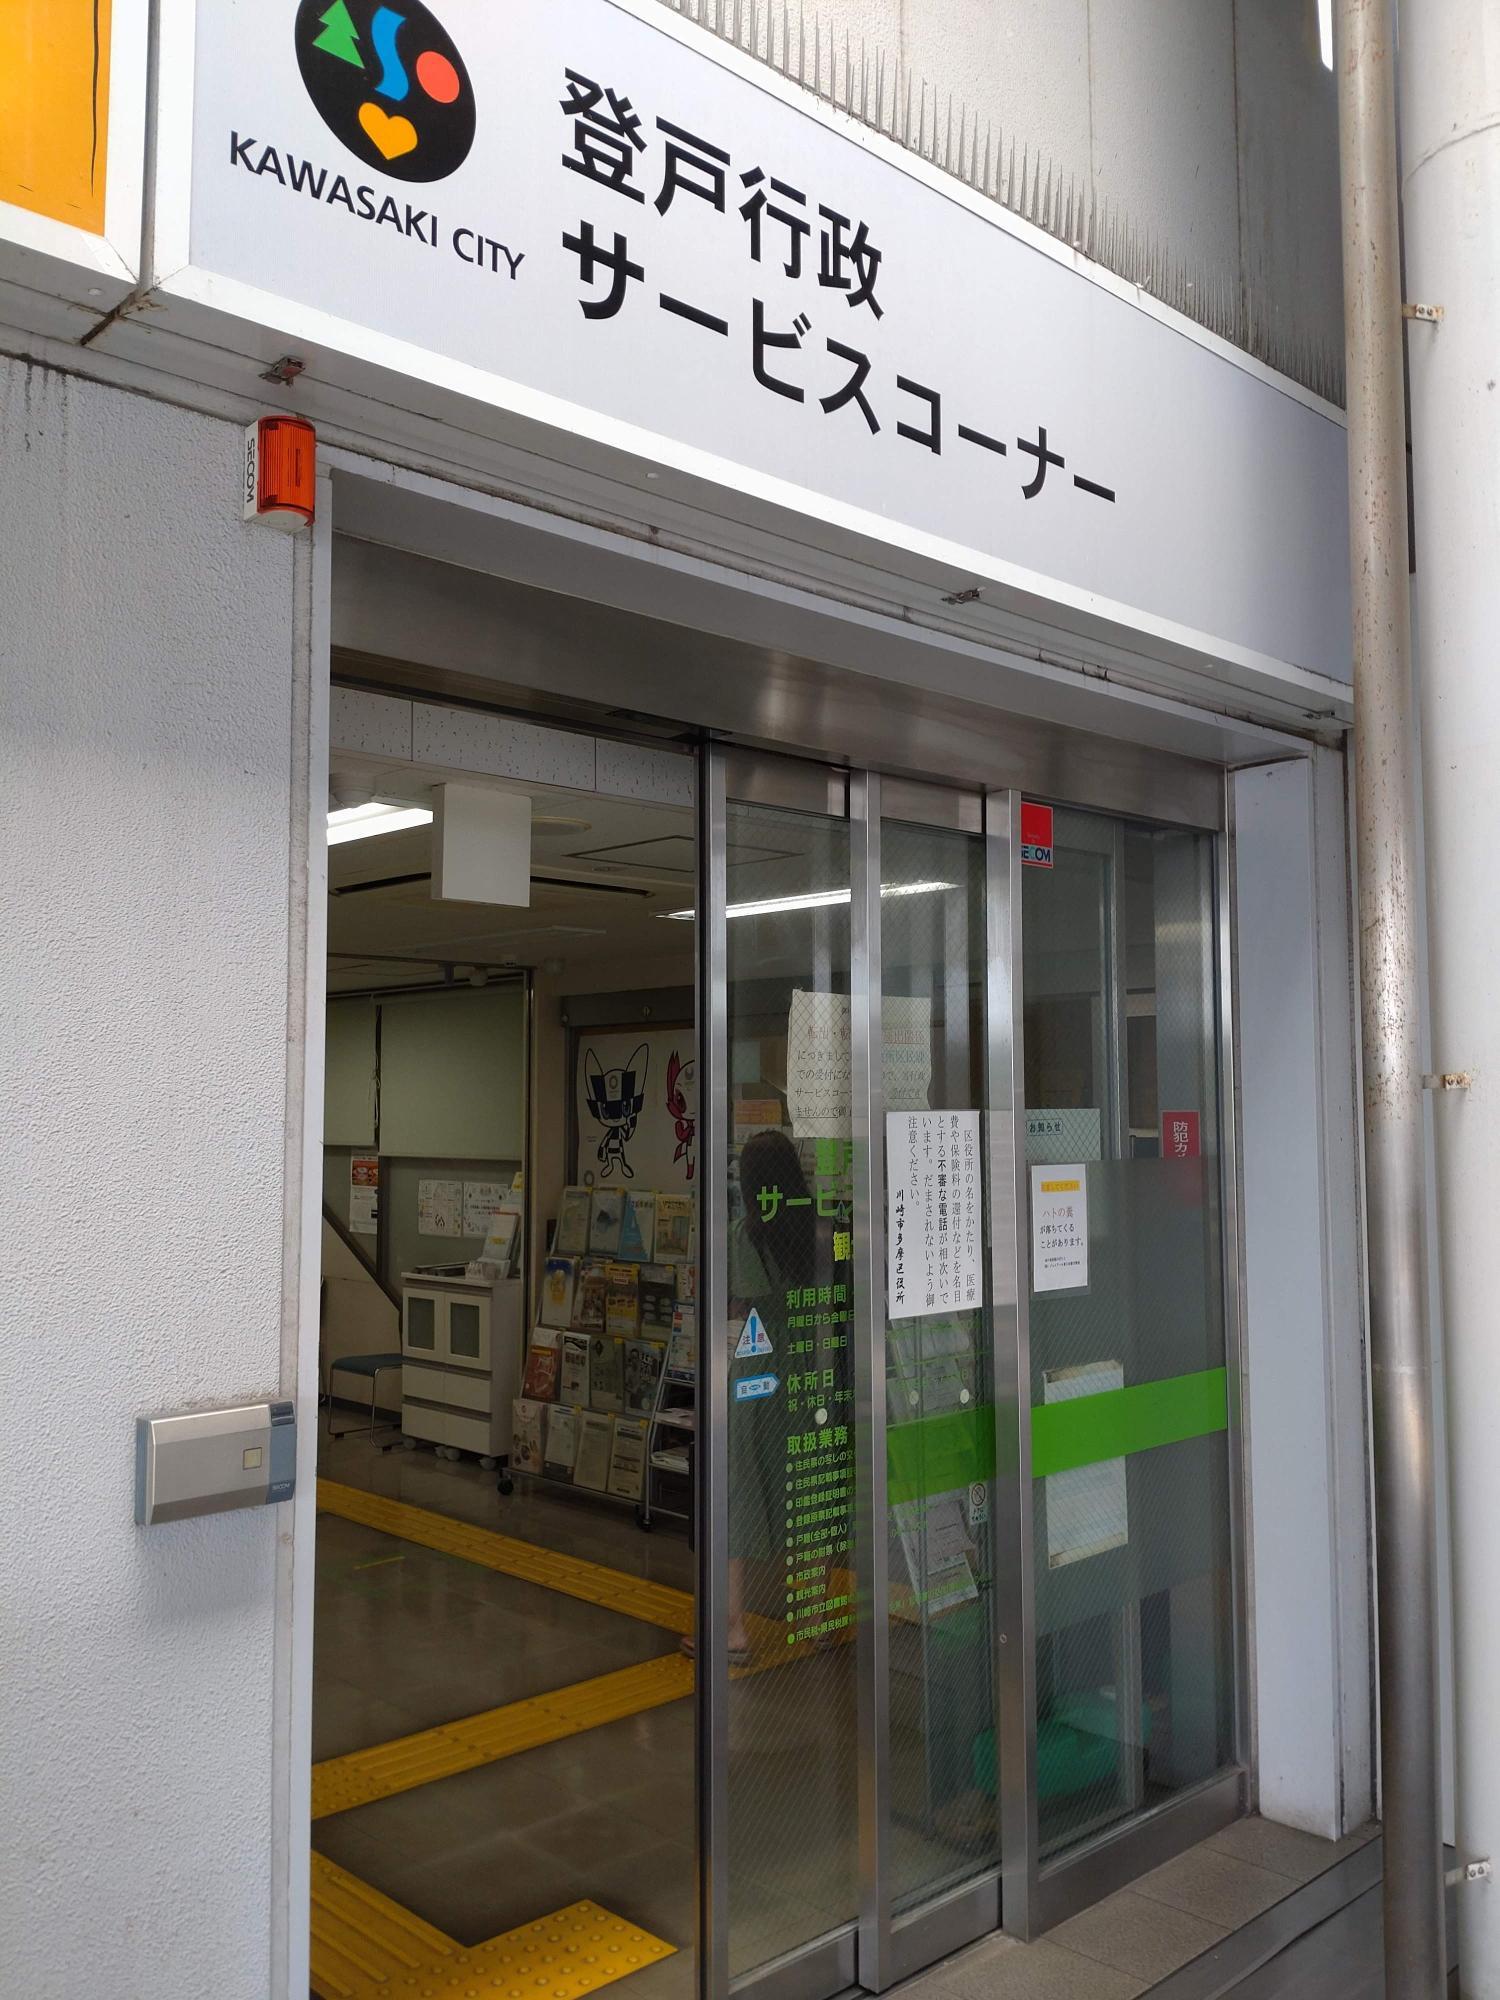 JR南武線登戸駅改札を出てすぐの場所にあります。